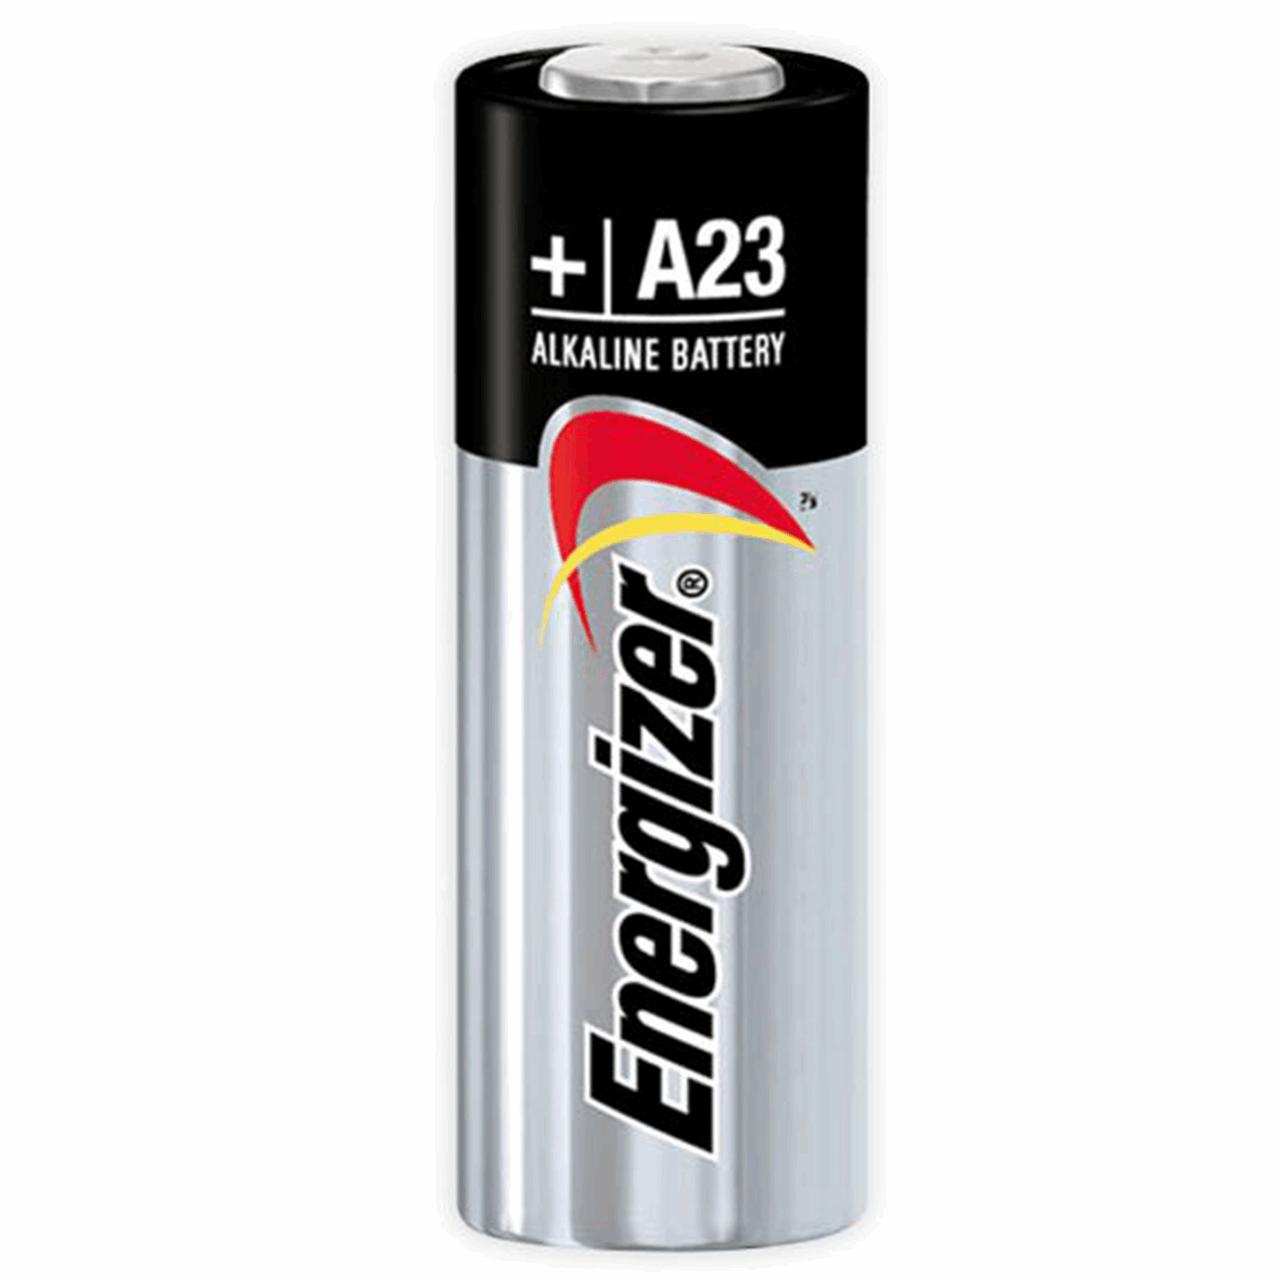 بررسی و {خرید با تخفیف}                                     باتری A23 انرجایزر مدل Alkaline                             اصل